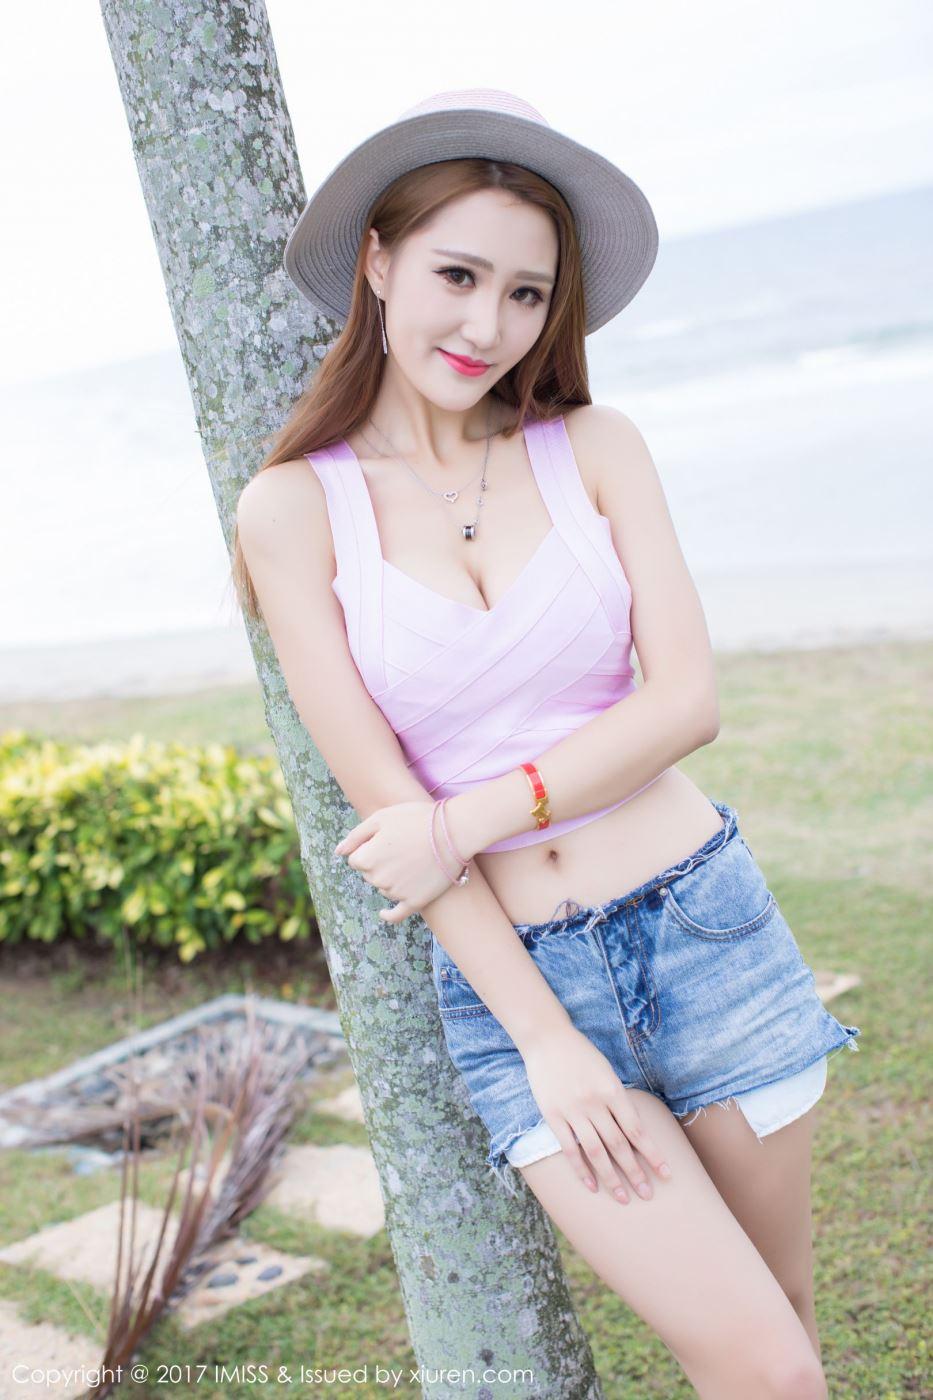 时尚气质美女嫩模妤薇Vivian清纯靓丽唯美写真套图